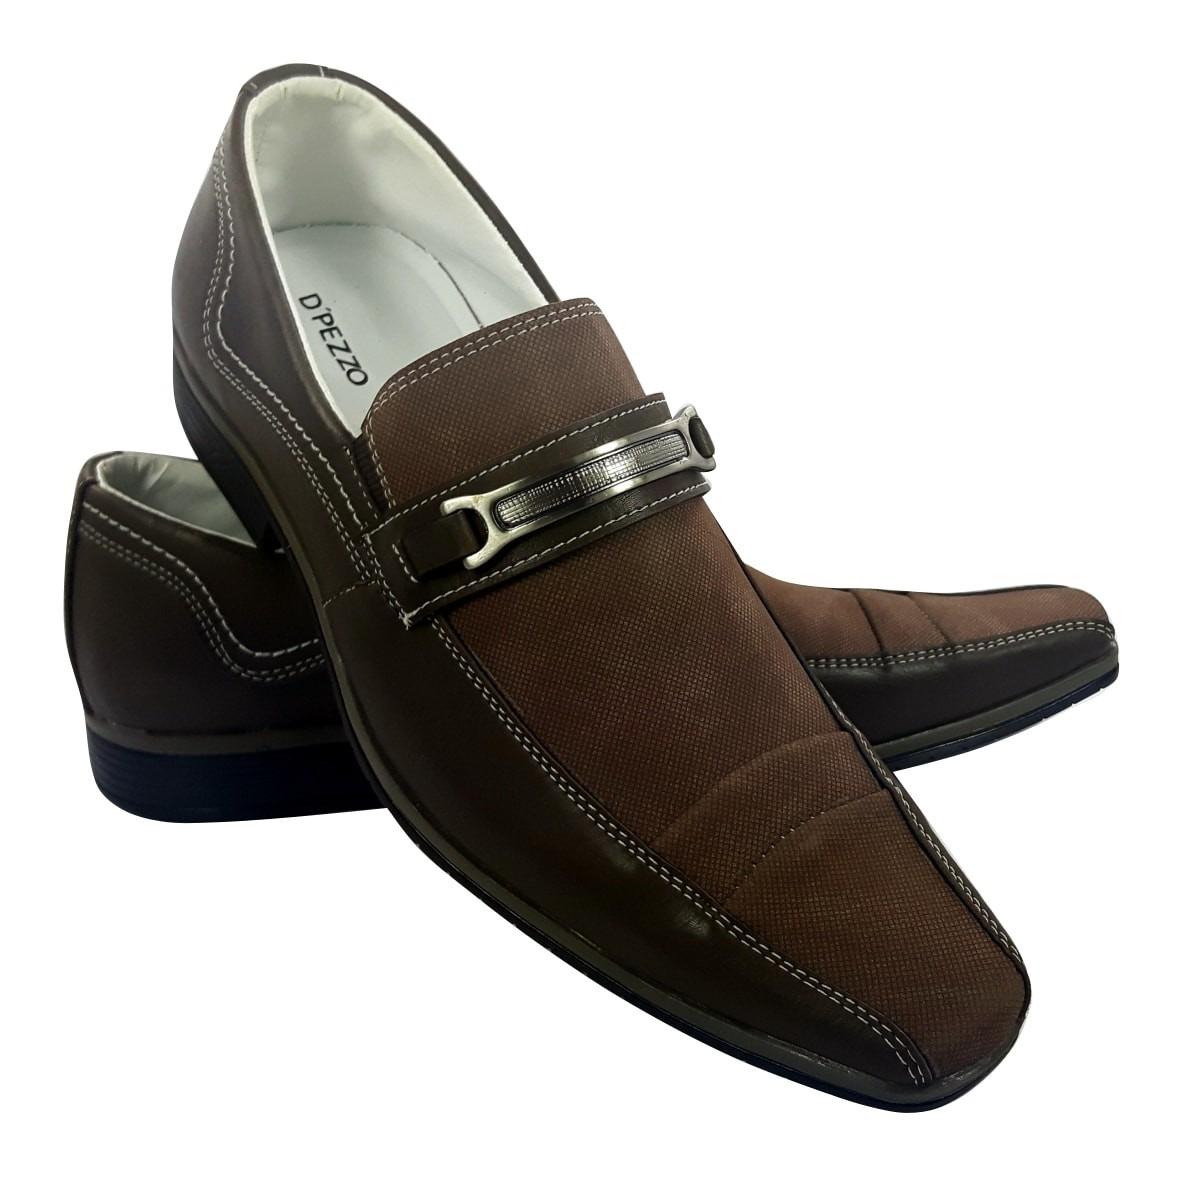 fb073bdc2 Sapato Masculino Social Elegante Couro E Tecido - R$ 65,00 em ...